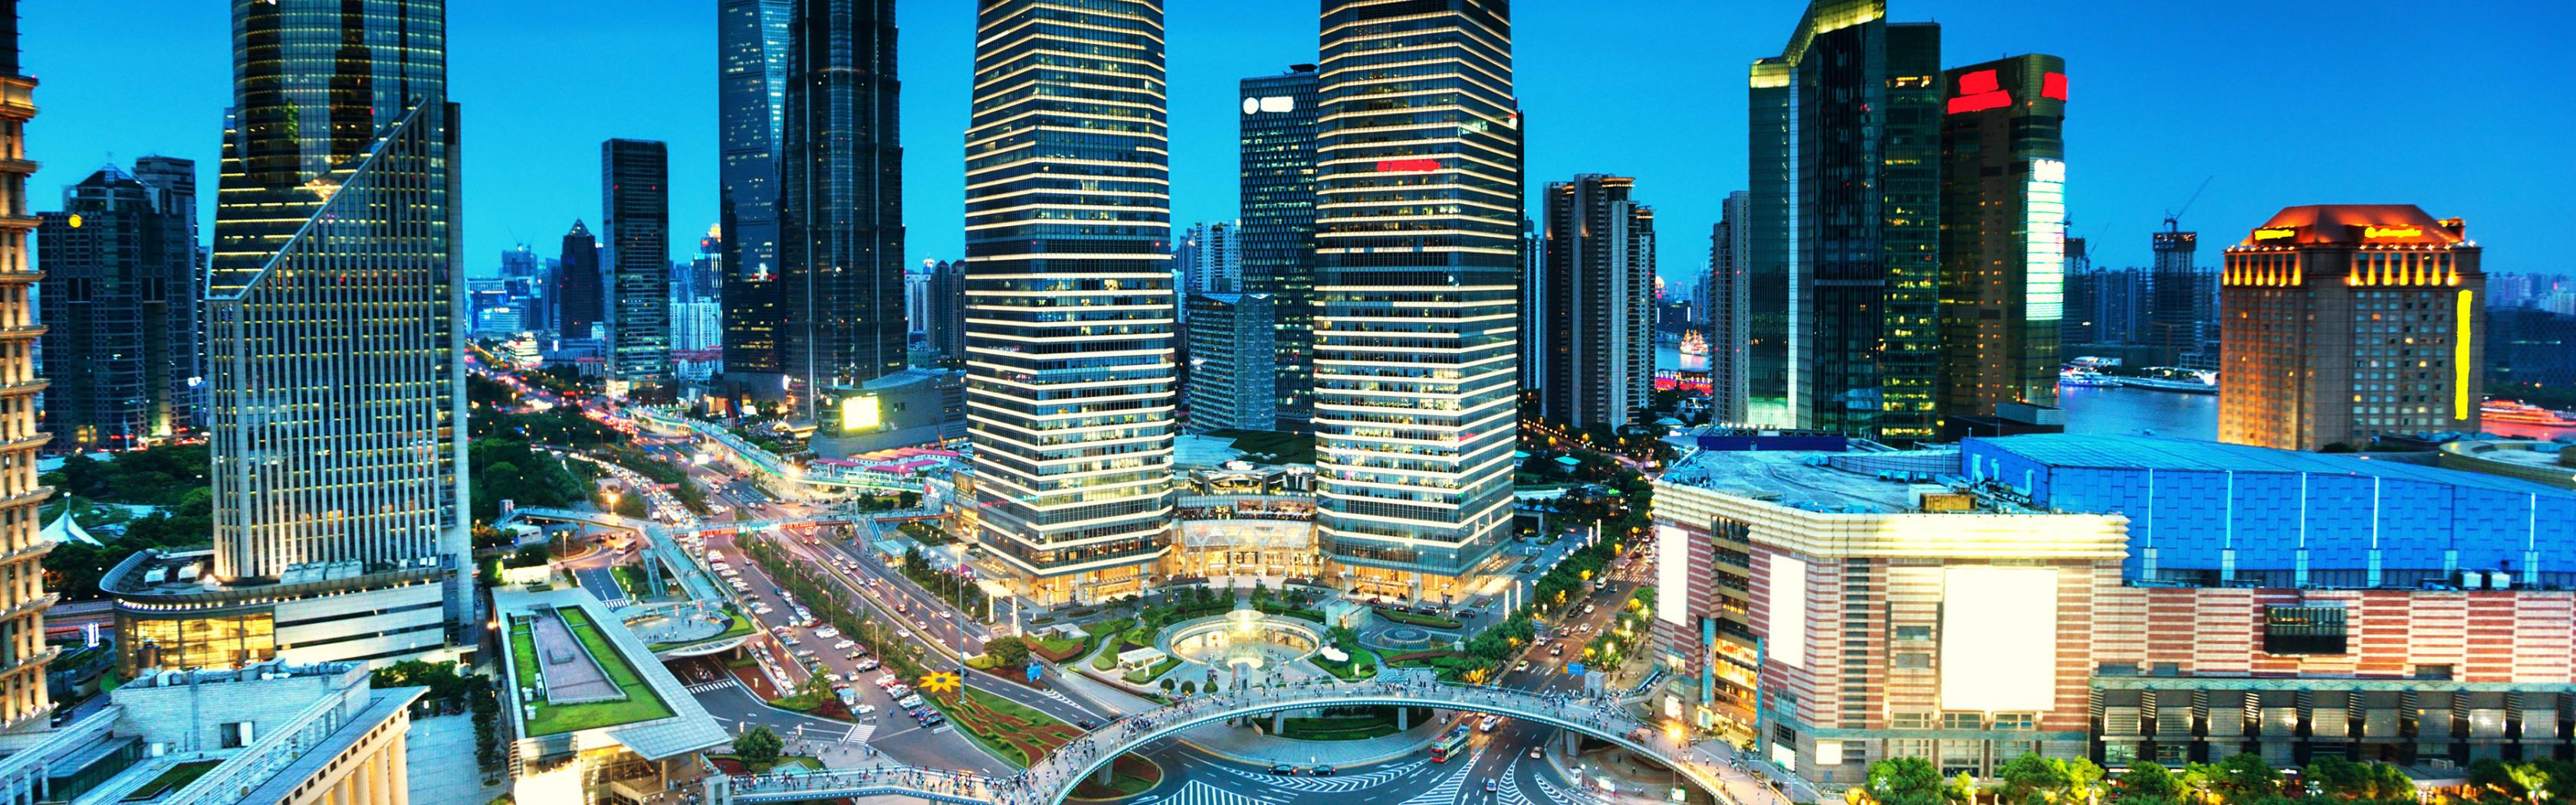 Обои небоскребы, китай, дома, улицы, шанхай, дороги. Города foto 8